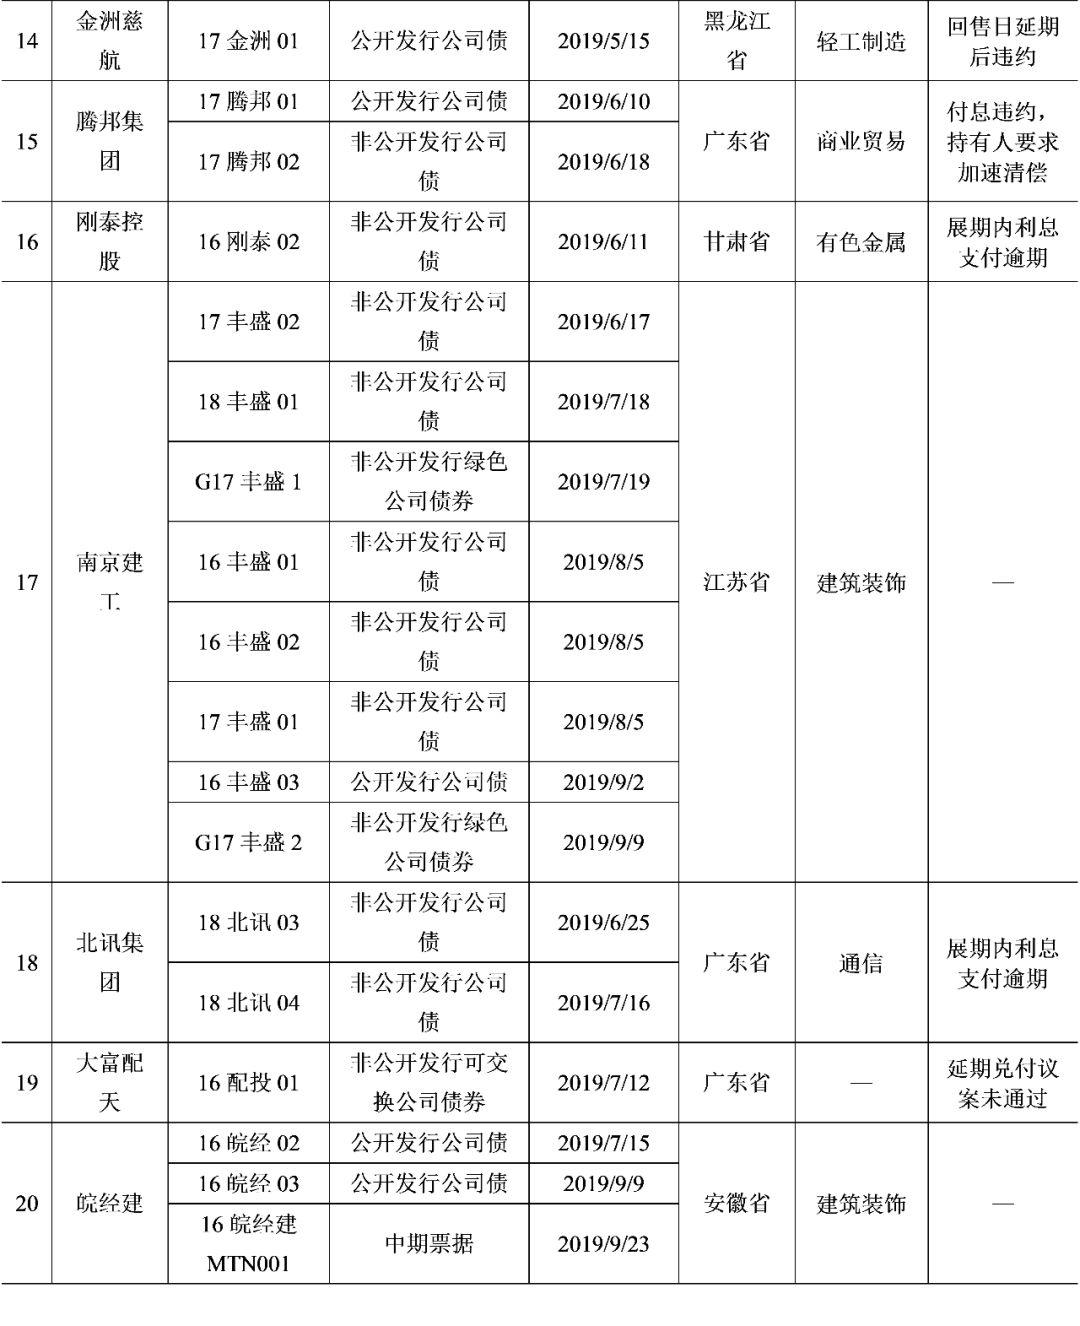 永恒国际娱乐平台登陆·积塔半导体临港厂迈关键一步 上海集成电路布局加码